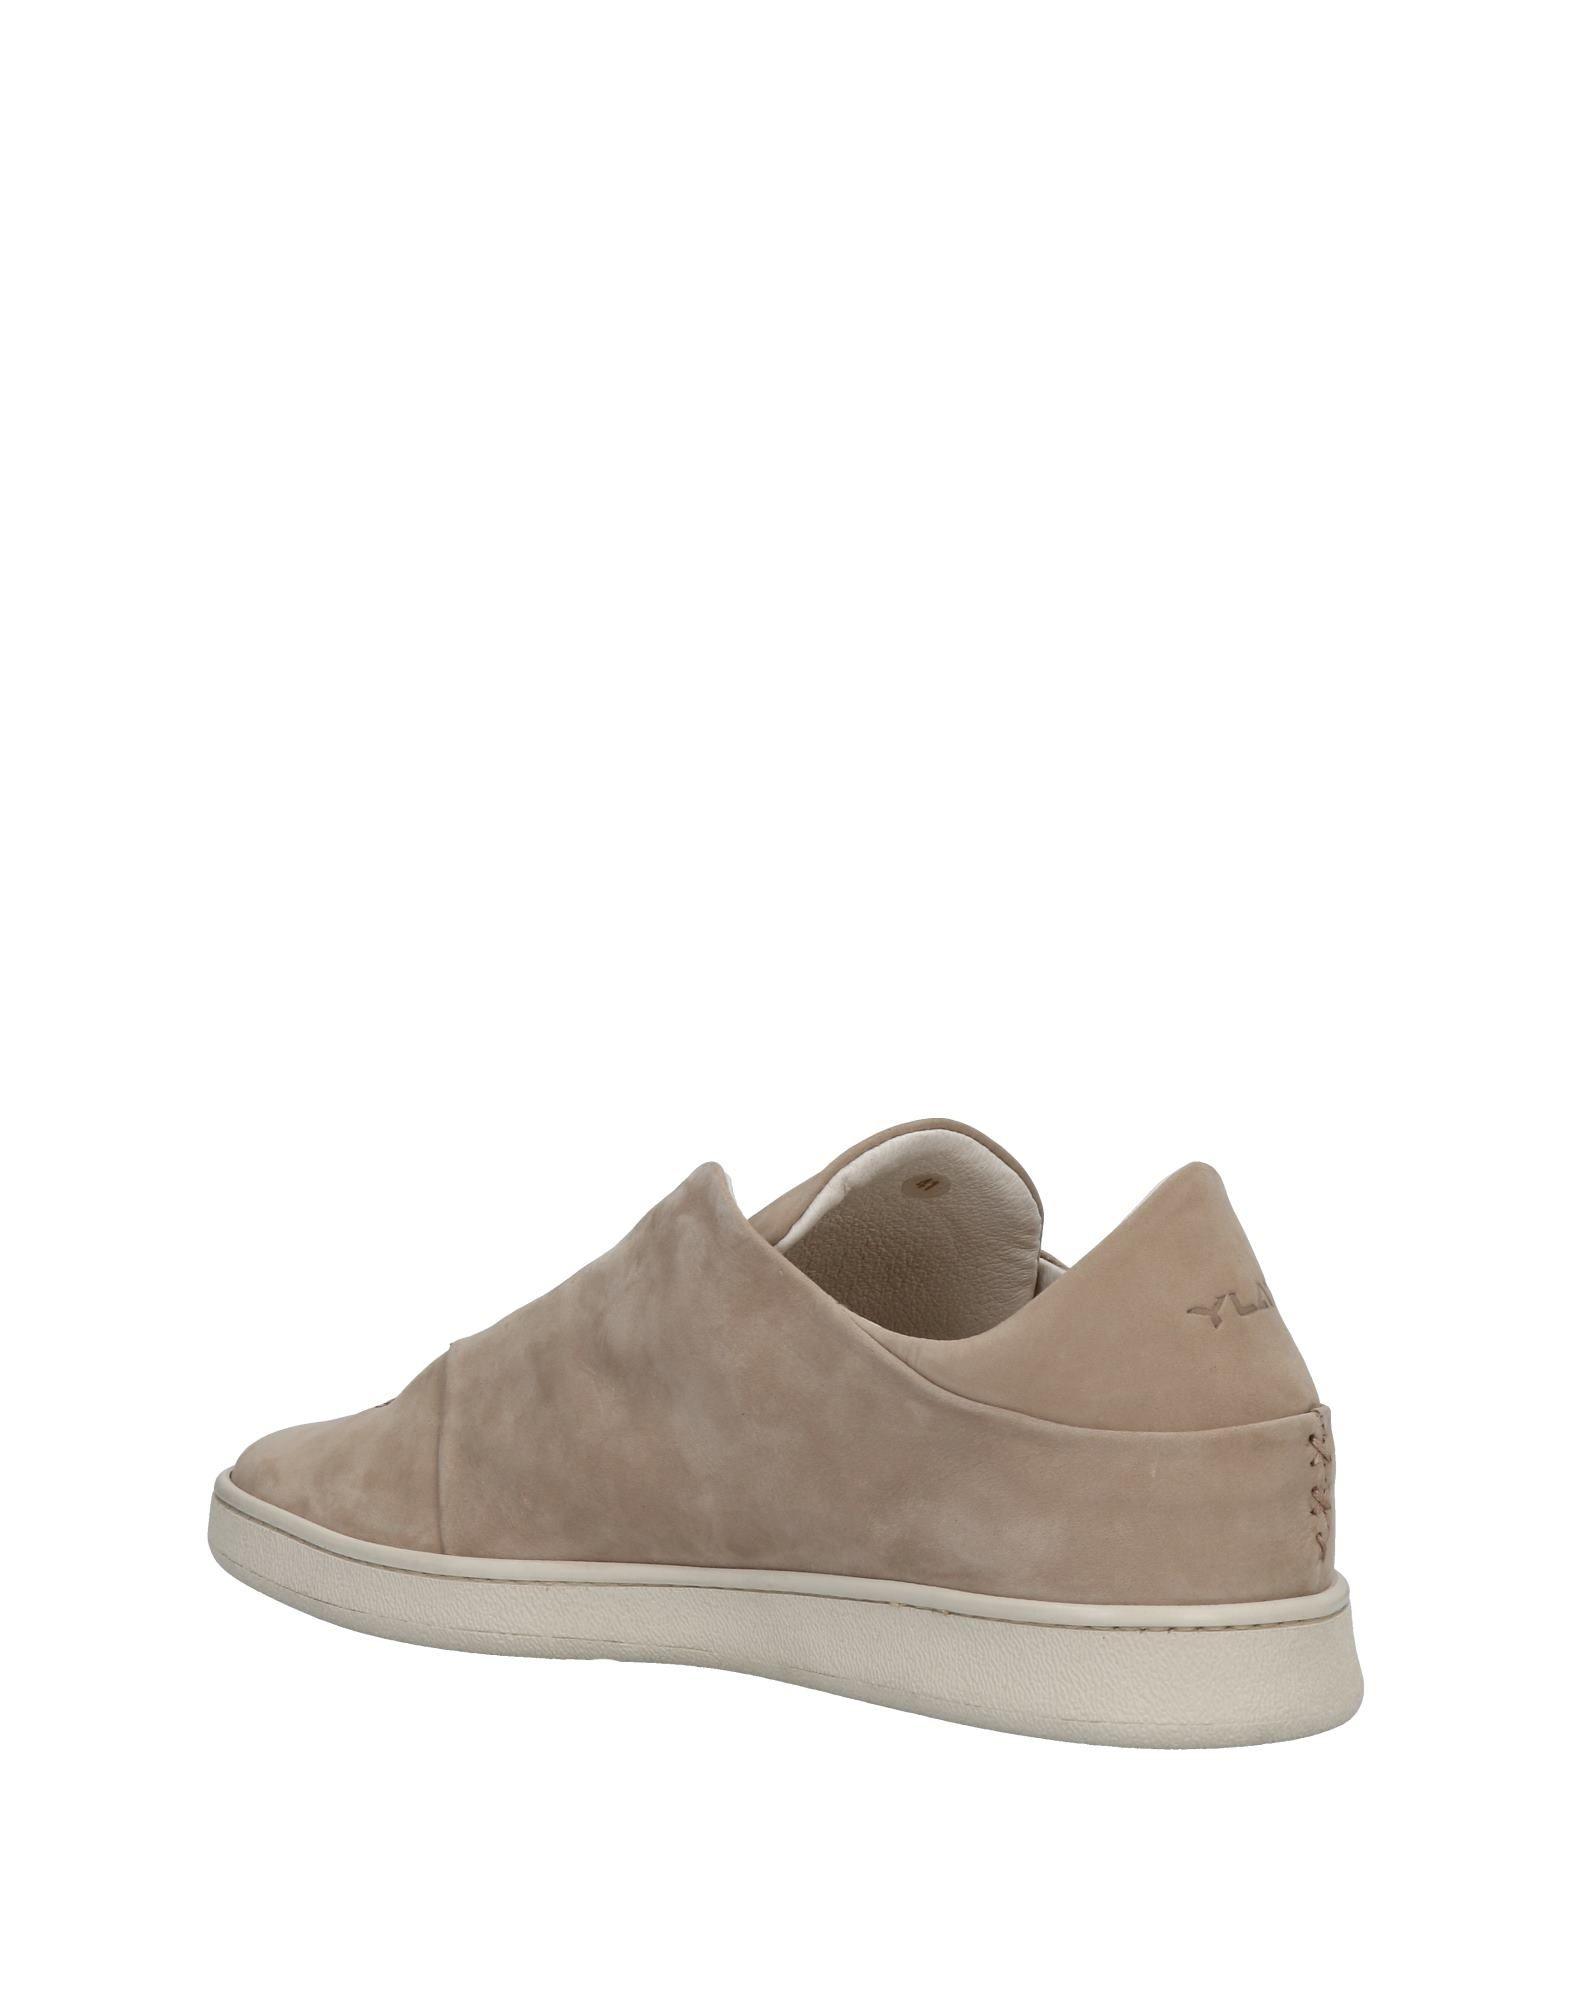 Rabatt echte  Schuhe Ylati Sneakers Herren  echte 11475163JV 87e3b3